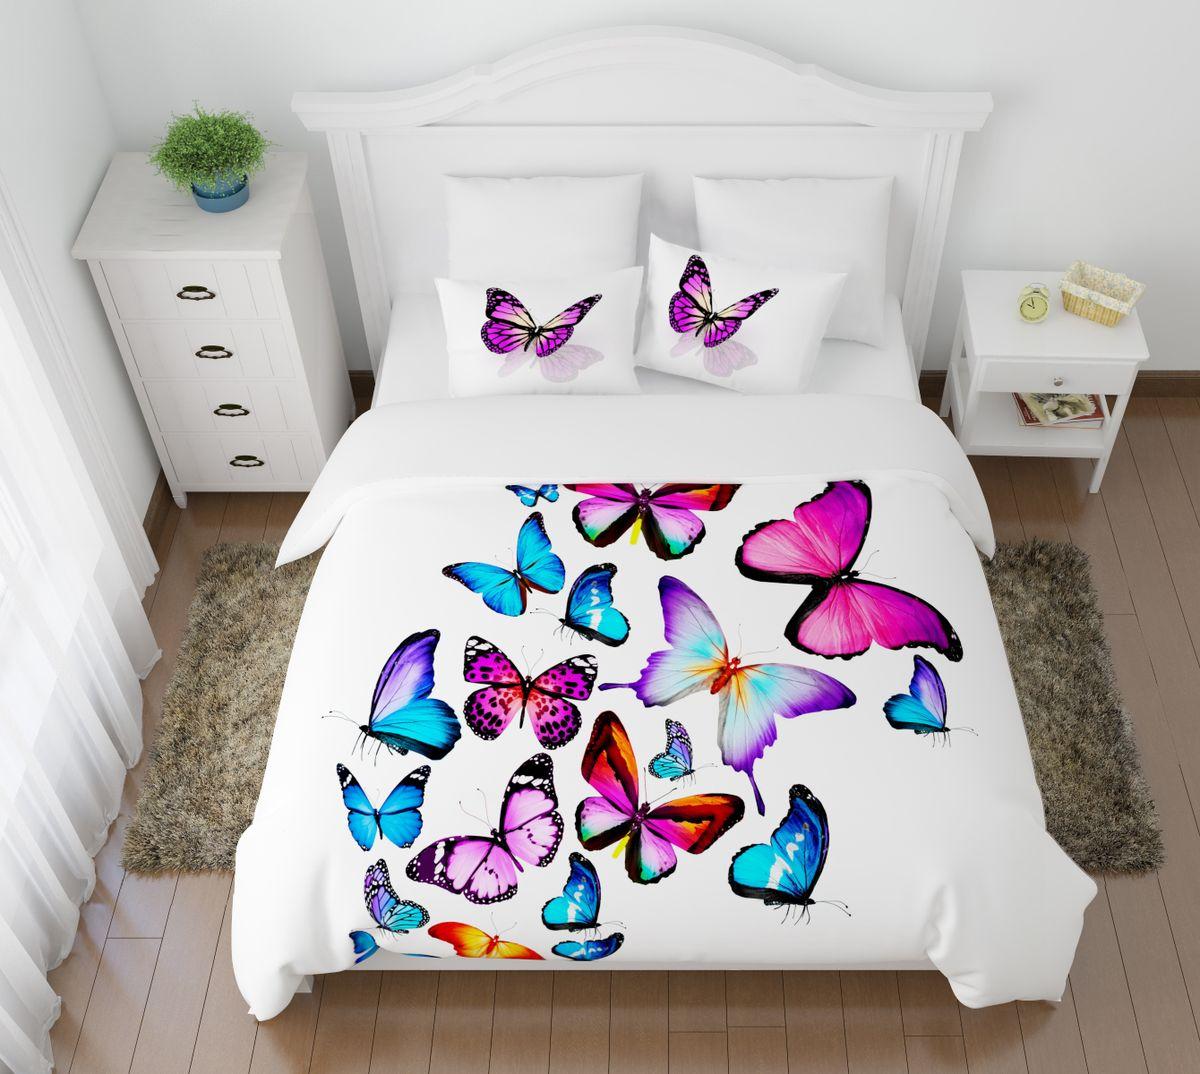 Комплект белья Сирень Яркие бабочки, 1,5-спальный, наволочки 50x7008447-КПБ-МКомплект постельного белья Сирень выполнен из прочной и мягкой ткани. Четкий и стильный рисунок в сочетании с насыщенными красками делают комплект постельного белья неповторимой изюминкой любого интерьера. Постельное белье идеально подойдет для подарка. Идеальное соотношение смешенной ткани и гипоаллергенных красок это гарантия здорового, спокойного сна. Ткань хорошо впитывает влагу, надолго сохраняет яркость красок. Цвет простыни, пододеяльника, наволочки в комплектации может немного отличаться от представленного на фото. В комплект входят: простынь - 150х220см; пододельяник 145х210 см; наволочка - 50х70х2шт. Постельное белье легко стирать при 30-40 градусах, гладить при 150 градусах, не отбеливать.Рекомендуется перед первым изпользованием постирать.